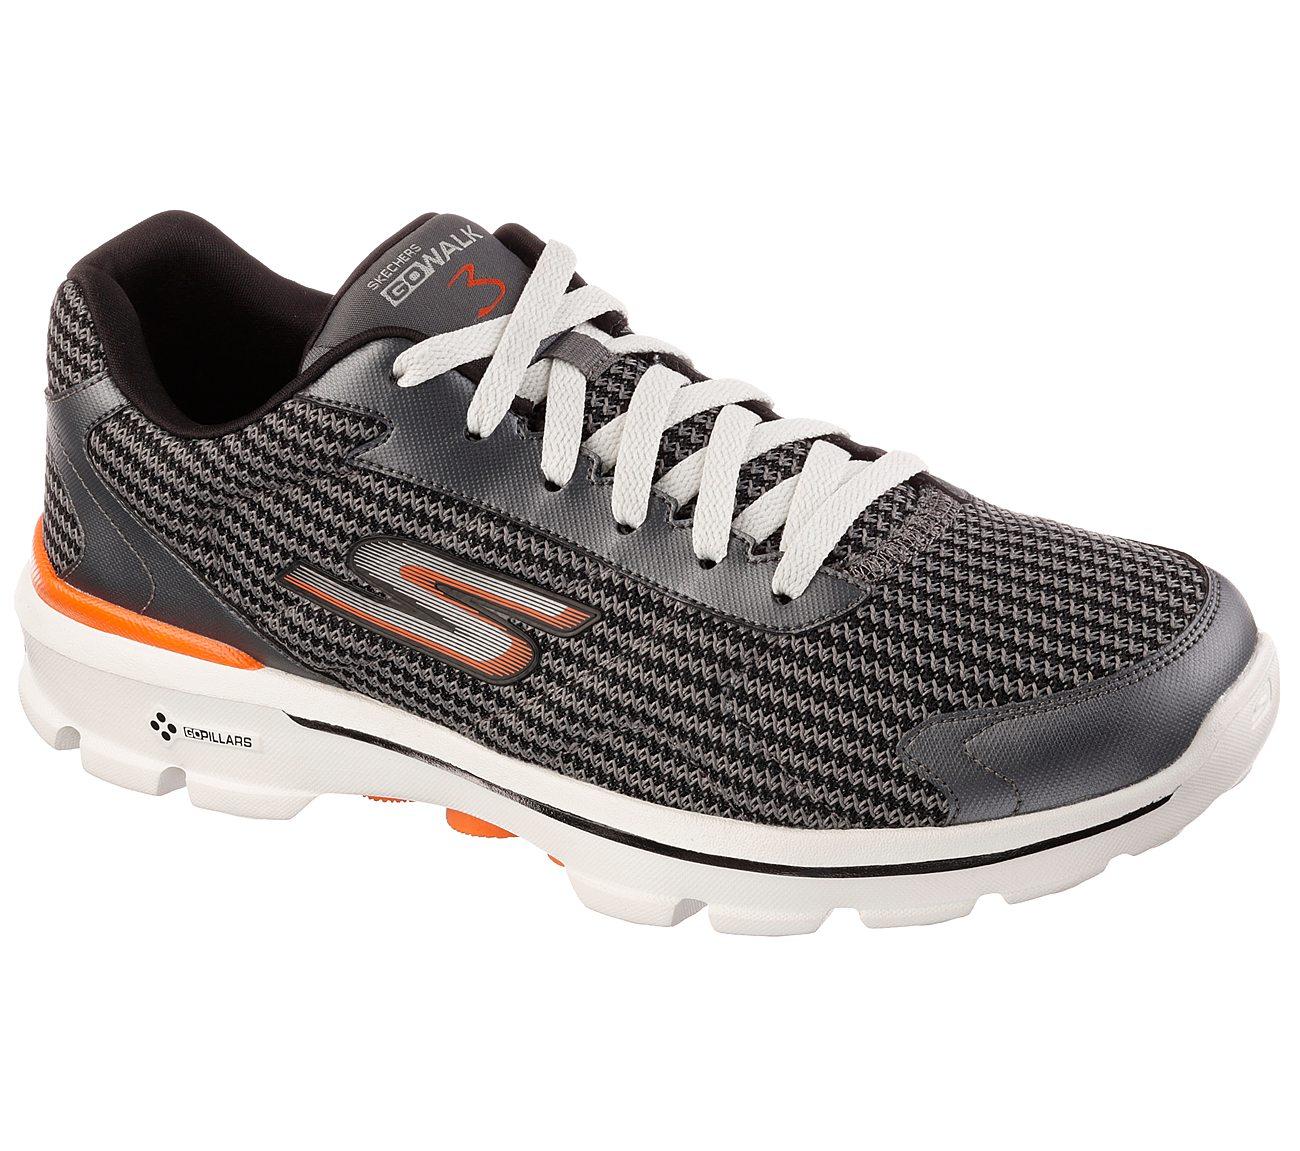 Skechers GOwalk 3 - FitKnit